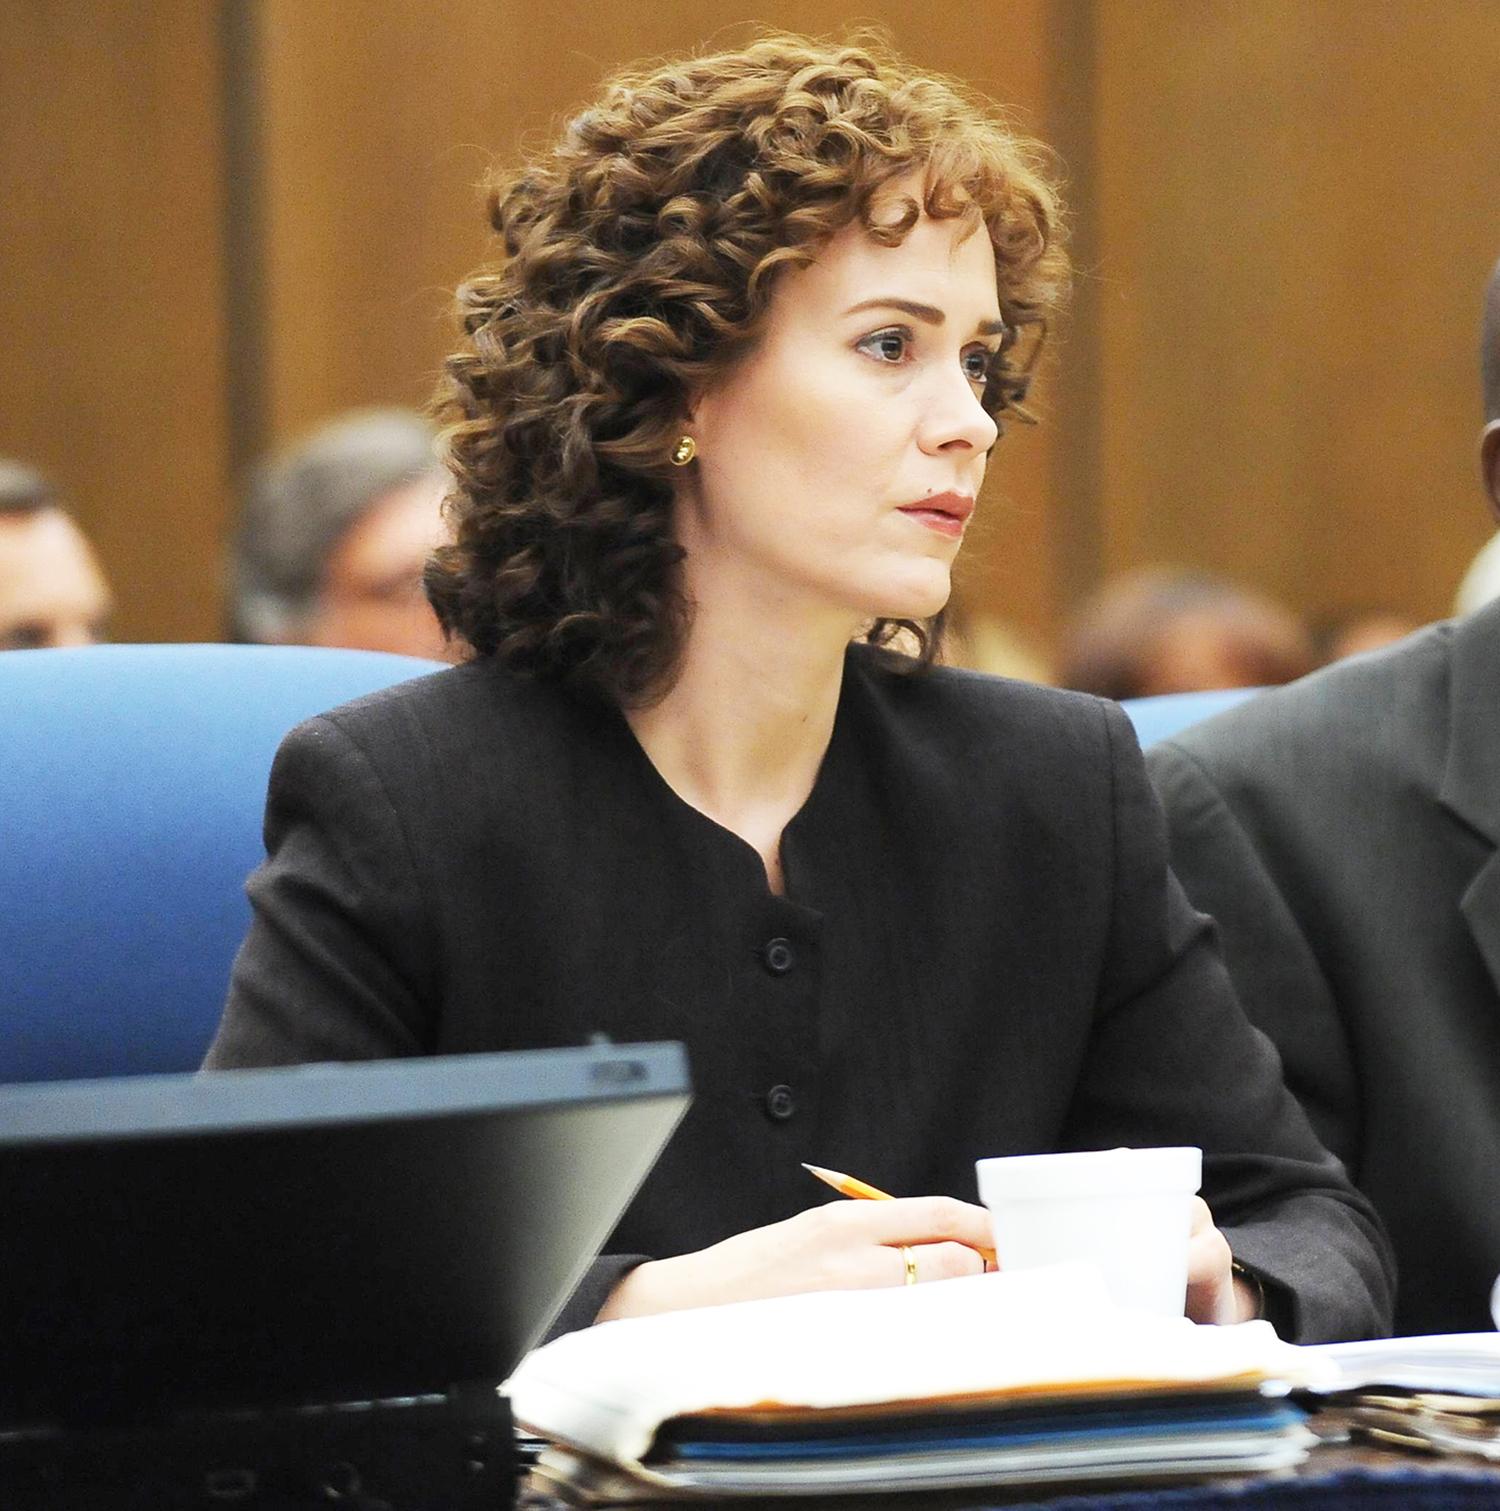 Sarah Paulson as Marcia Clark